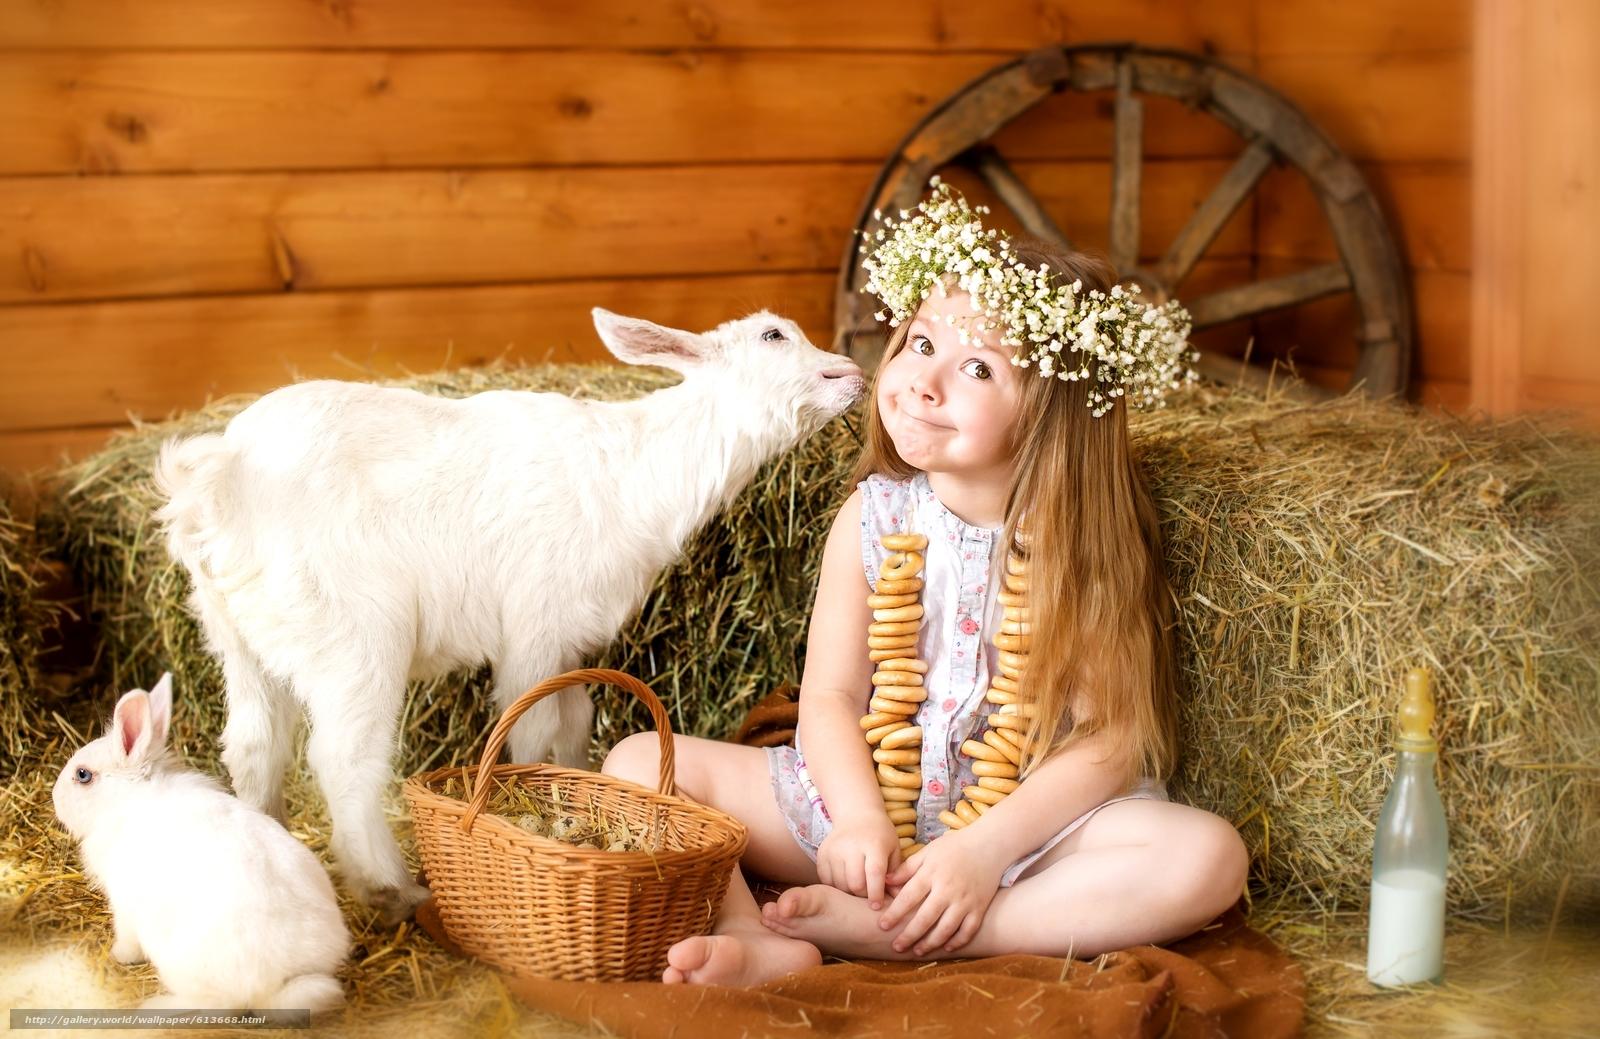 Скачать обои девочка,  животные,  коза,  козлёнок бесплатно для рабочего стола в разрешении 2400x1558 — картинка №613668